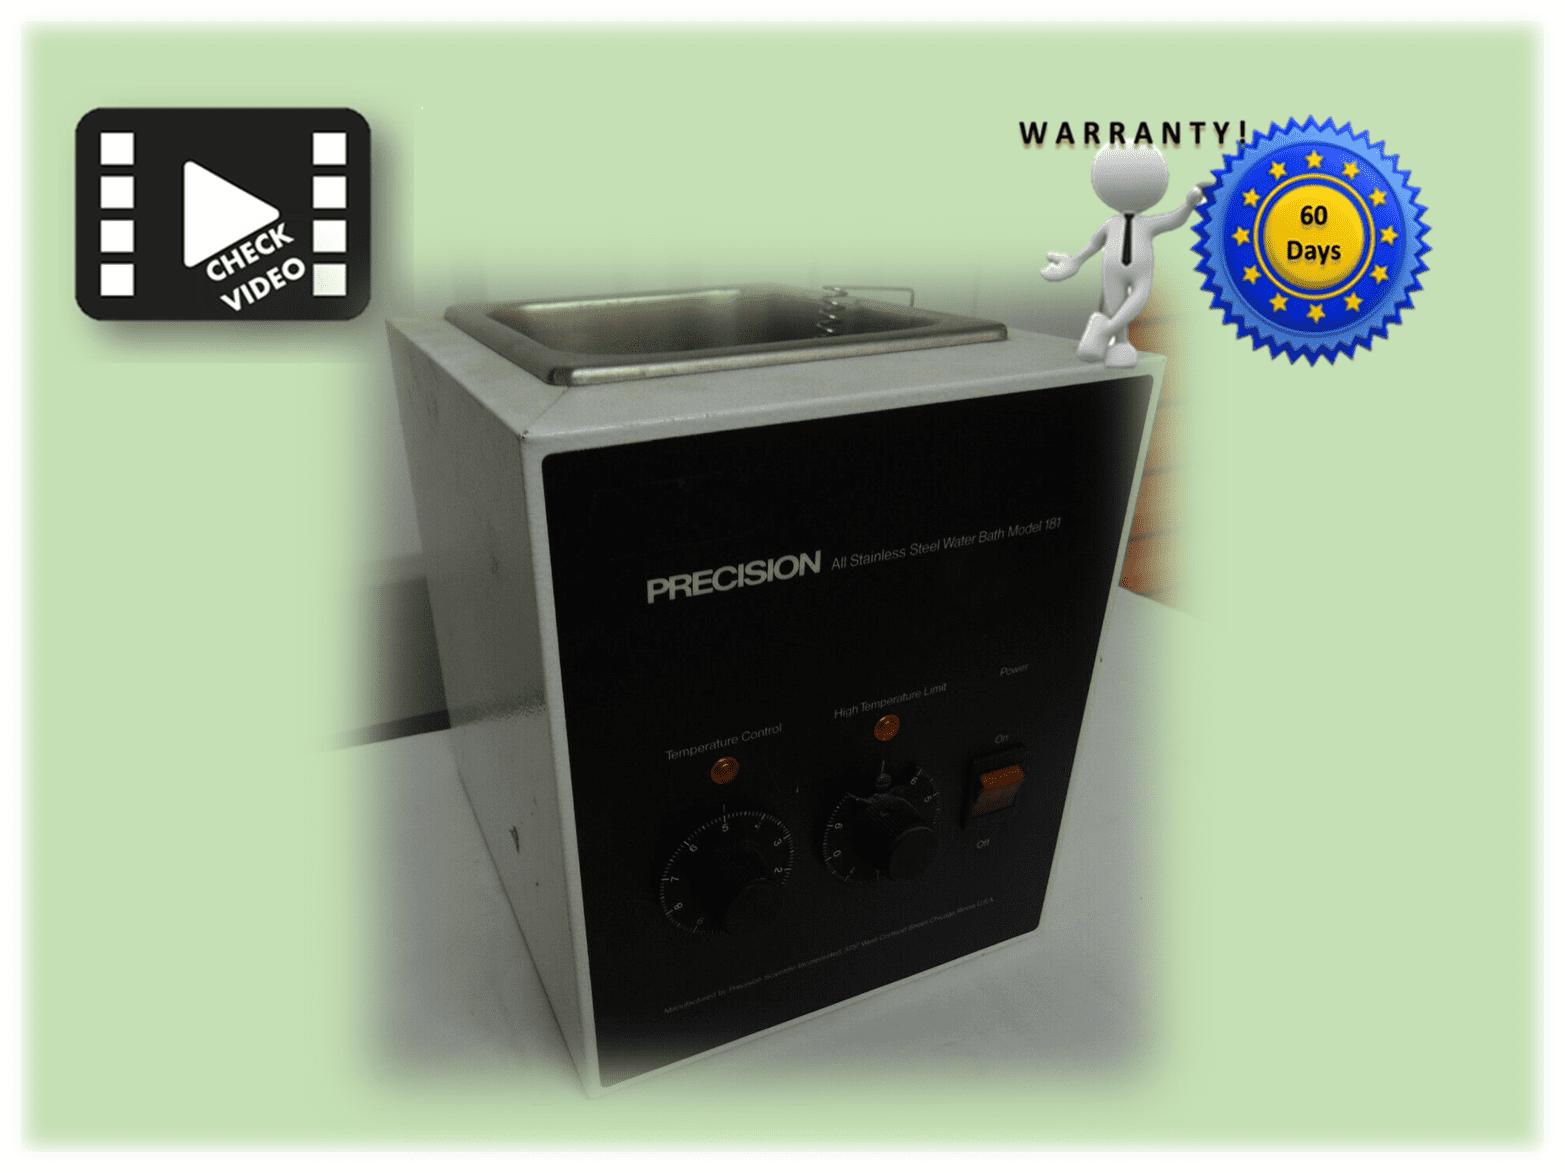 Precision Scientific 66557 Model 181 Water Bath